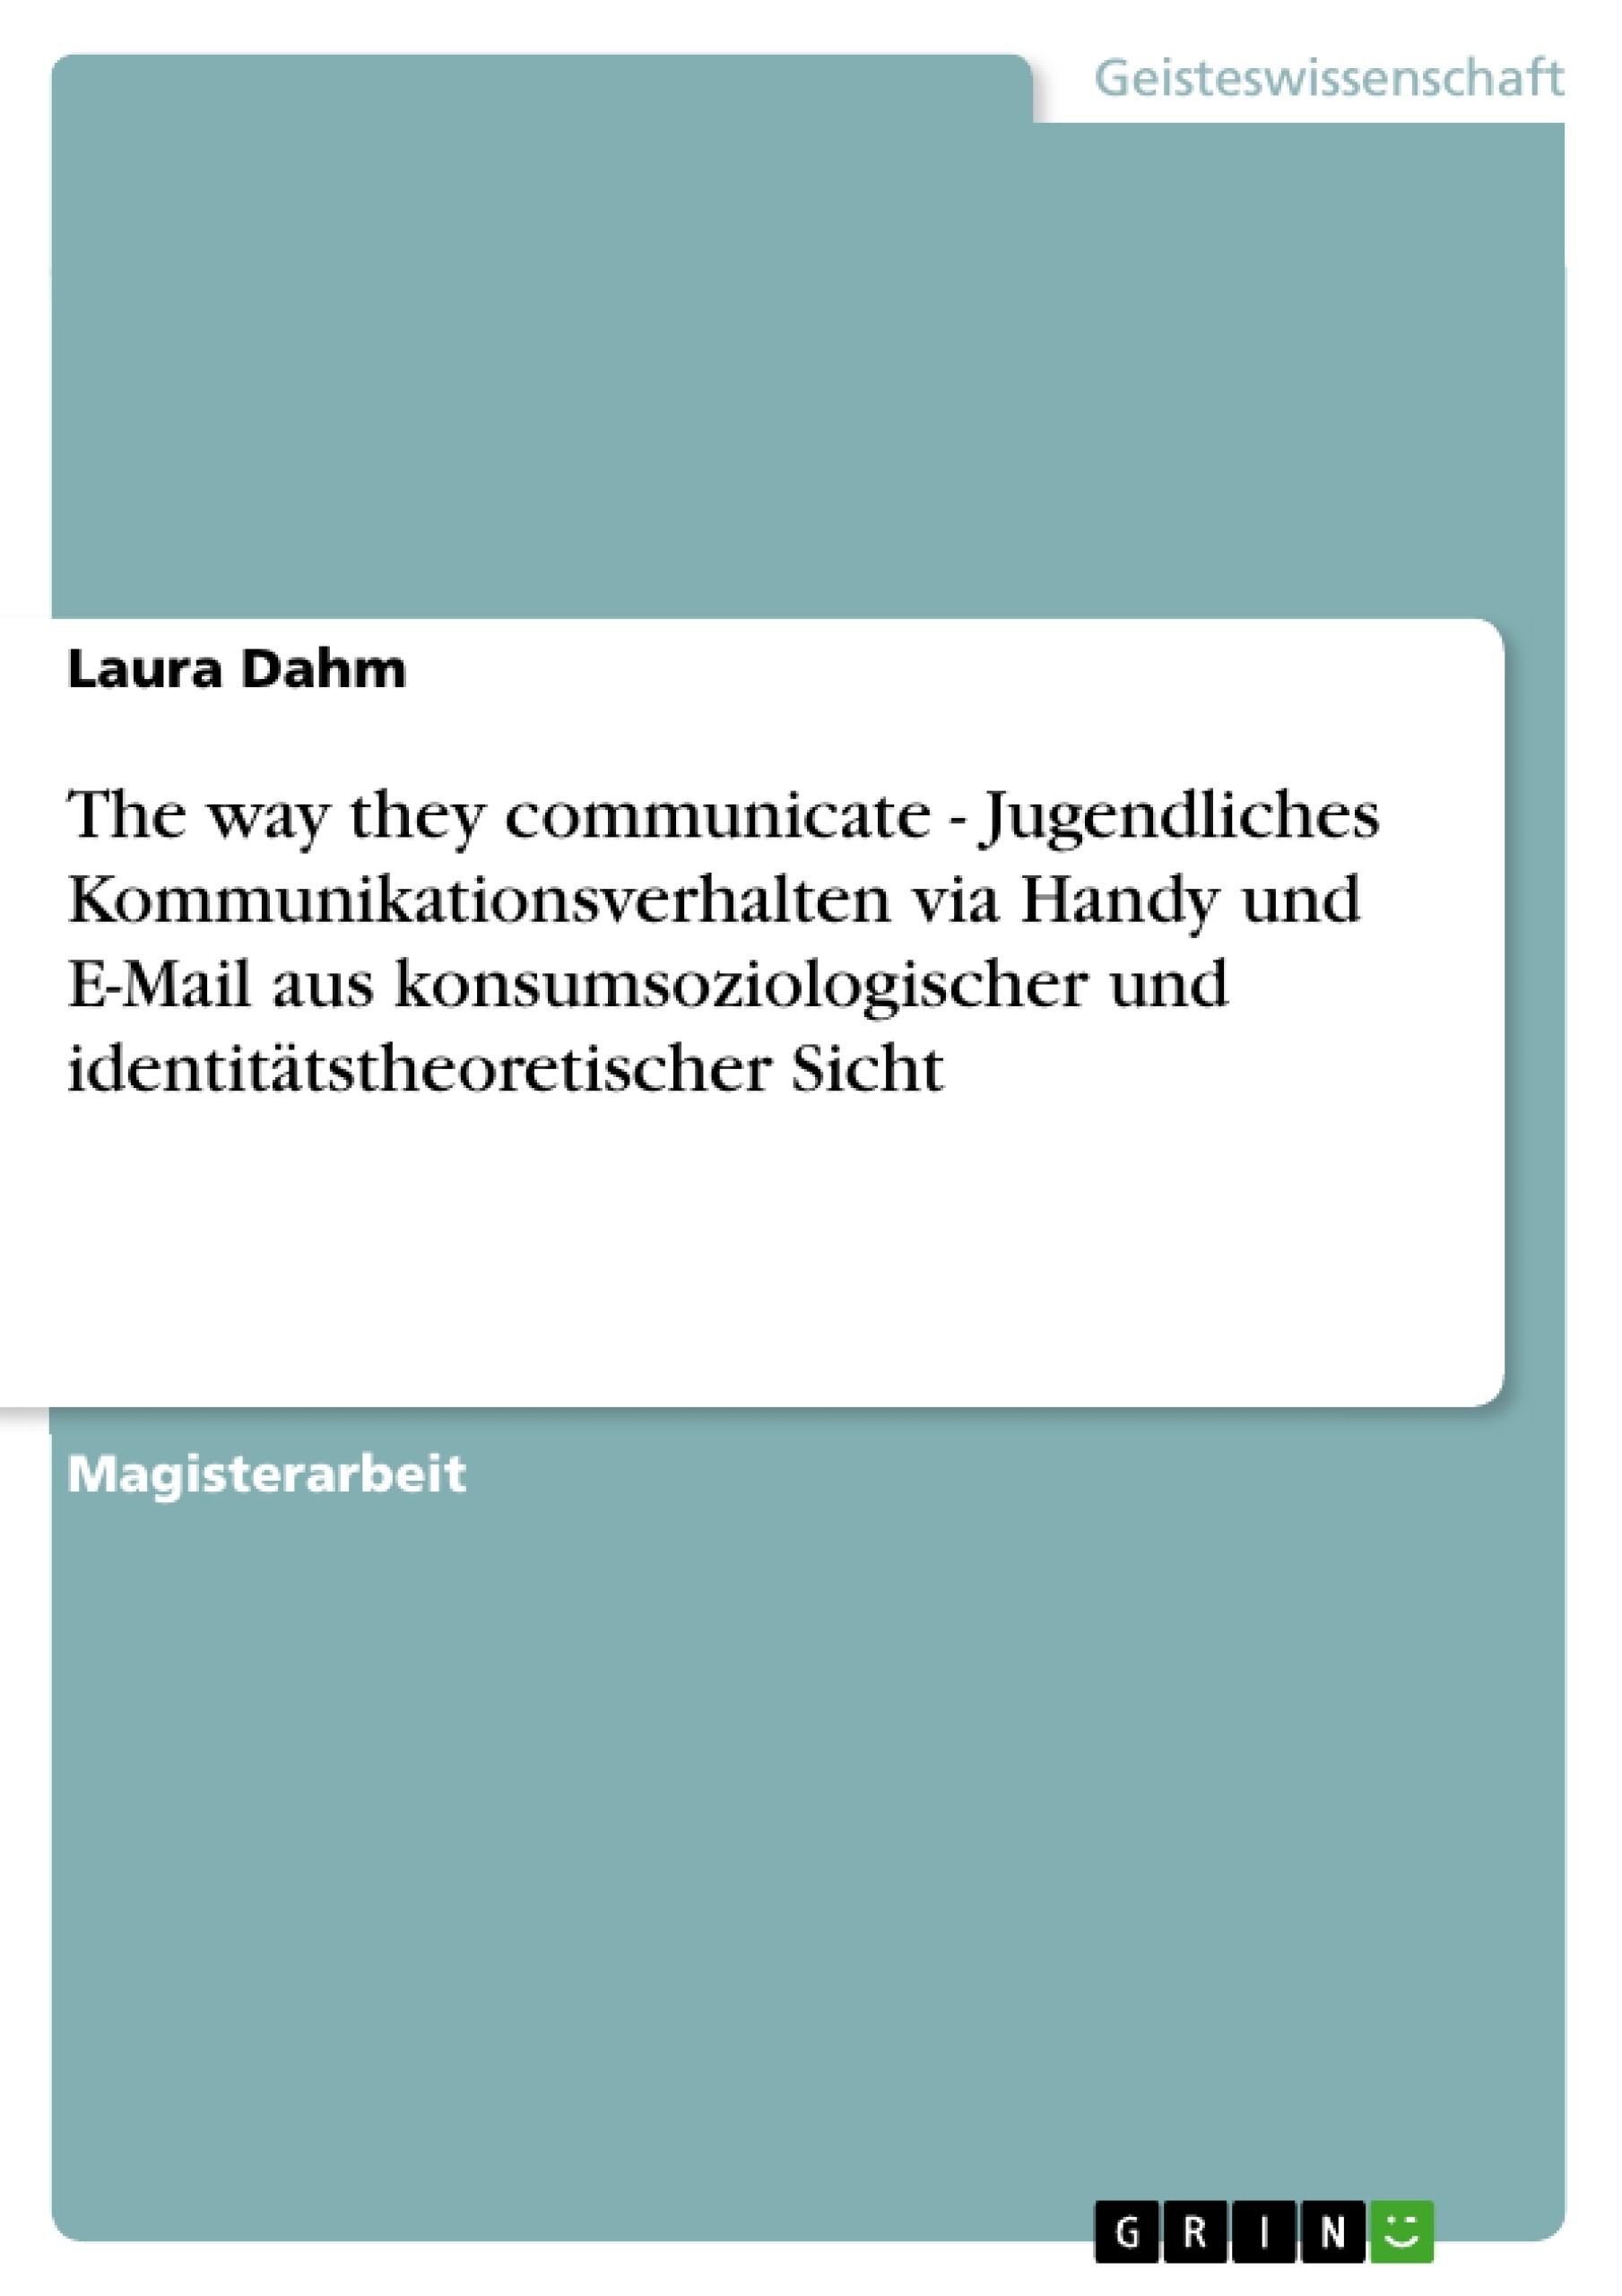 Titel: The way they communicate - Jugendliches Kommunikationsverhalten via Handy und E-Mail aus konsumsoziologischer und identitätstheoretischer Sicht